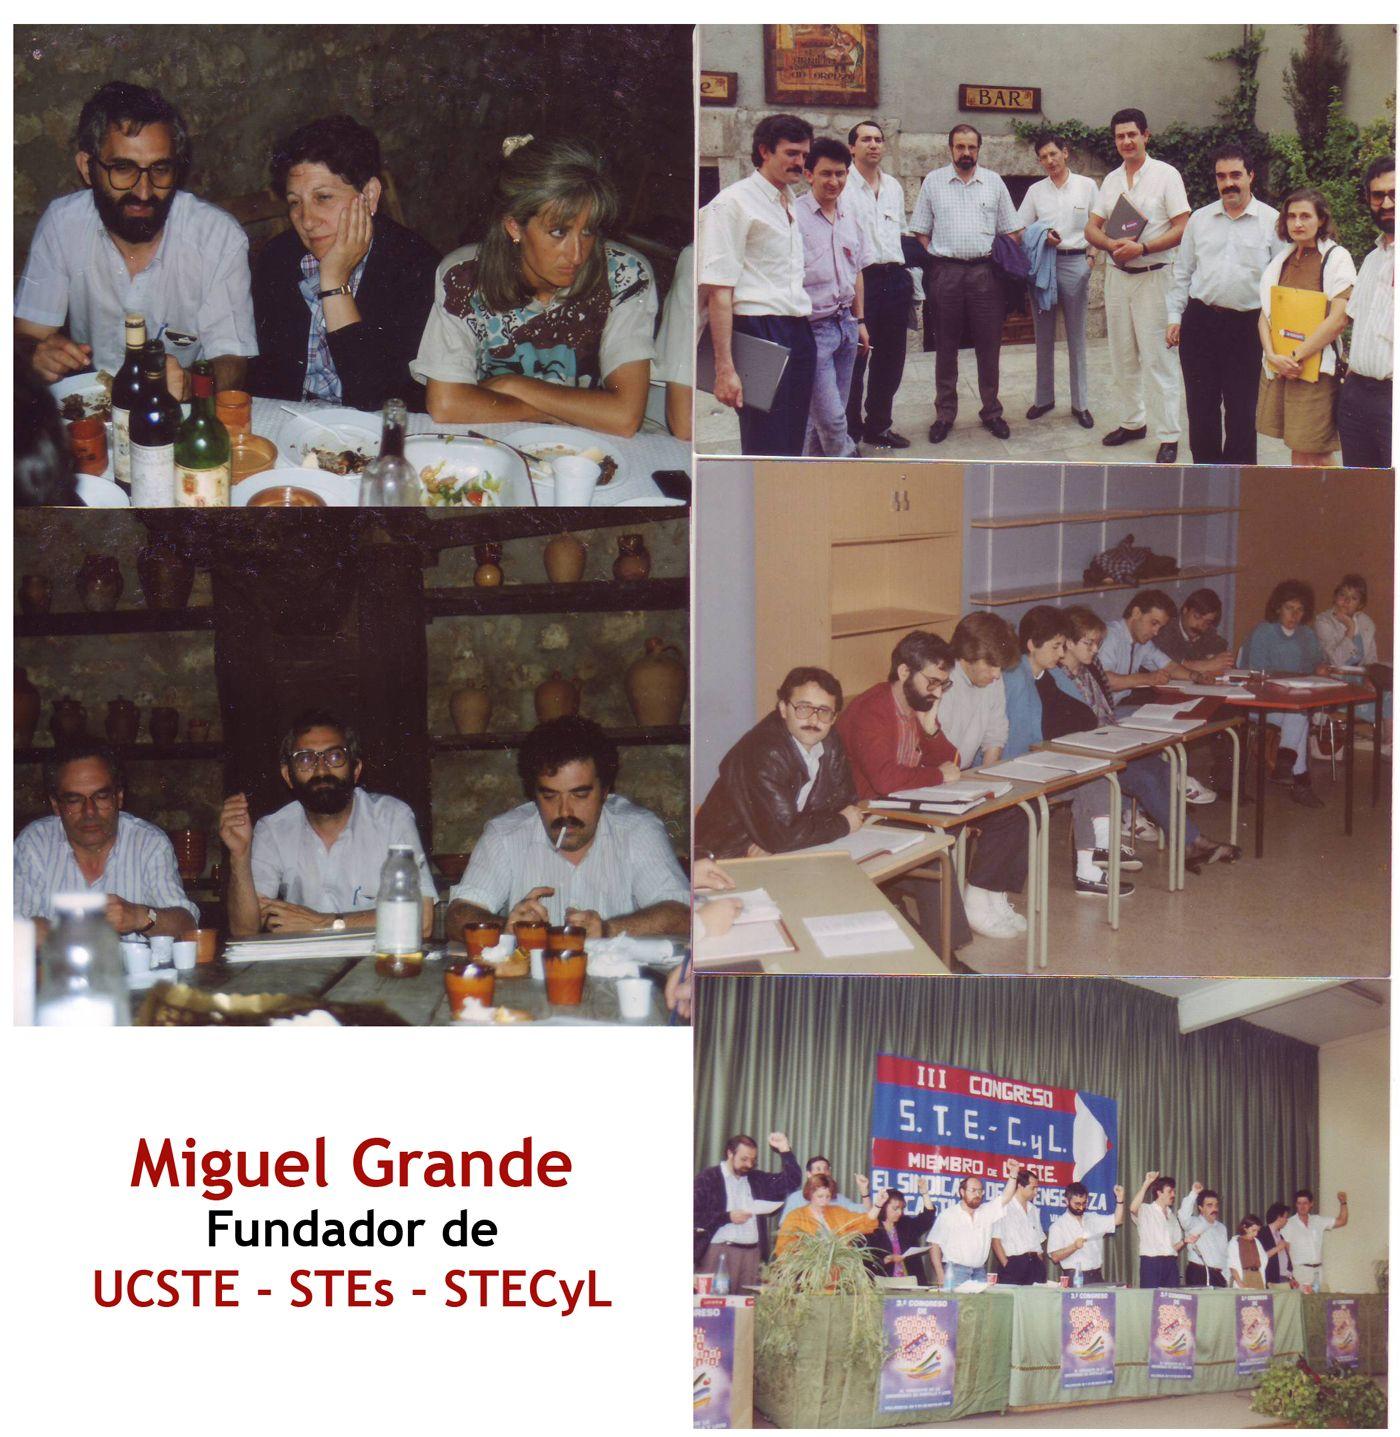 Miguel Grande